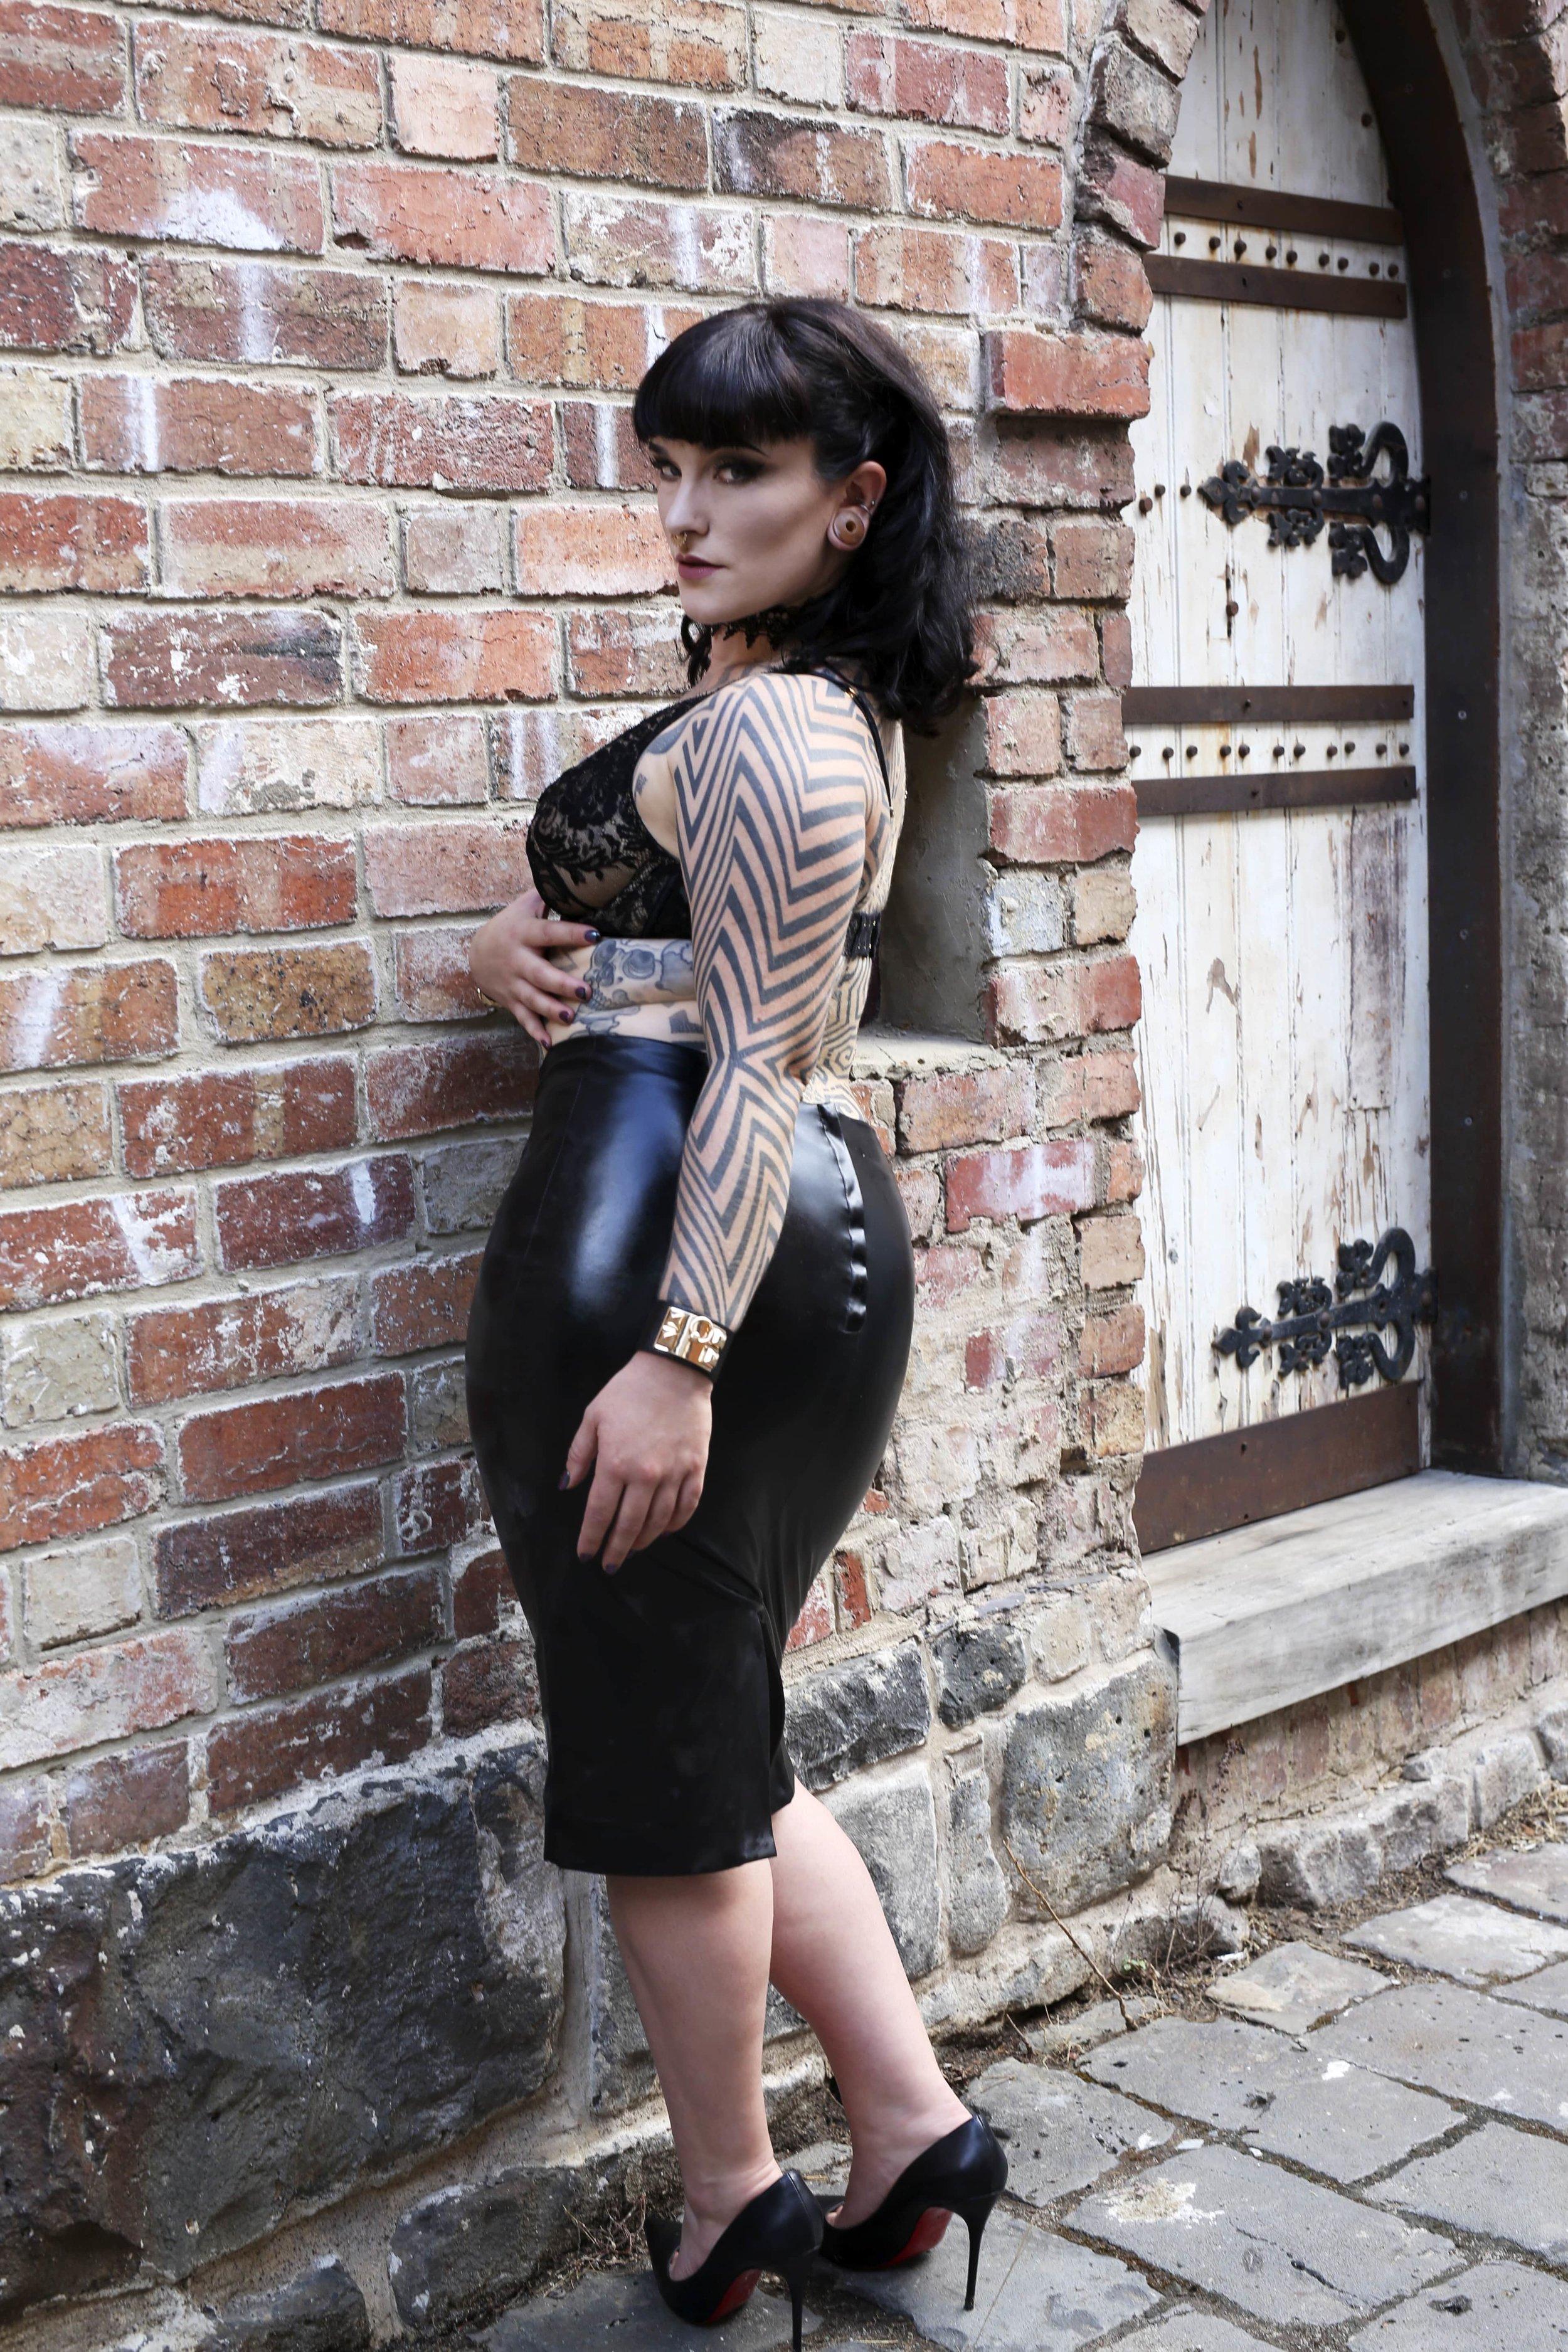 Tallula Darling tattooed fetish escort, cultural companion, dinner date, art date, theatre date, dance date, ballet date, GFE date